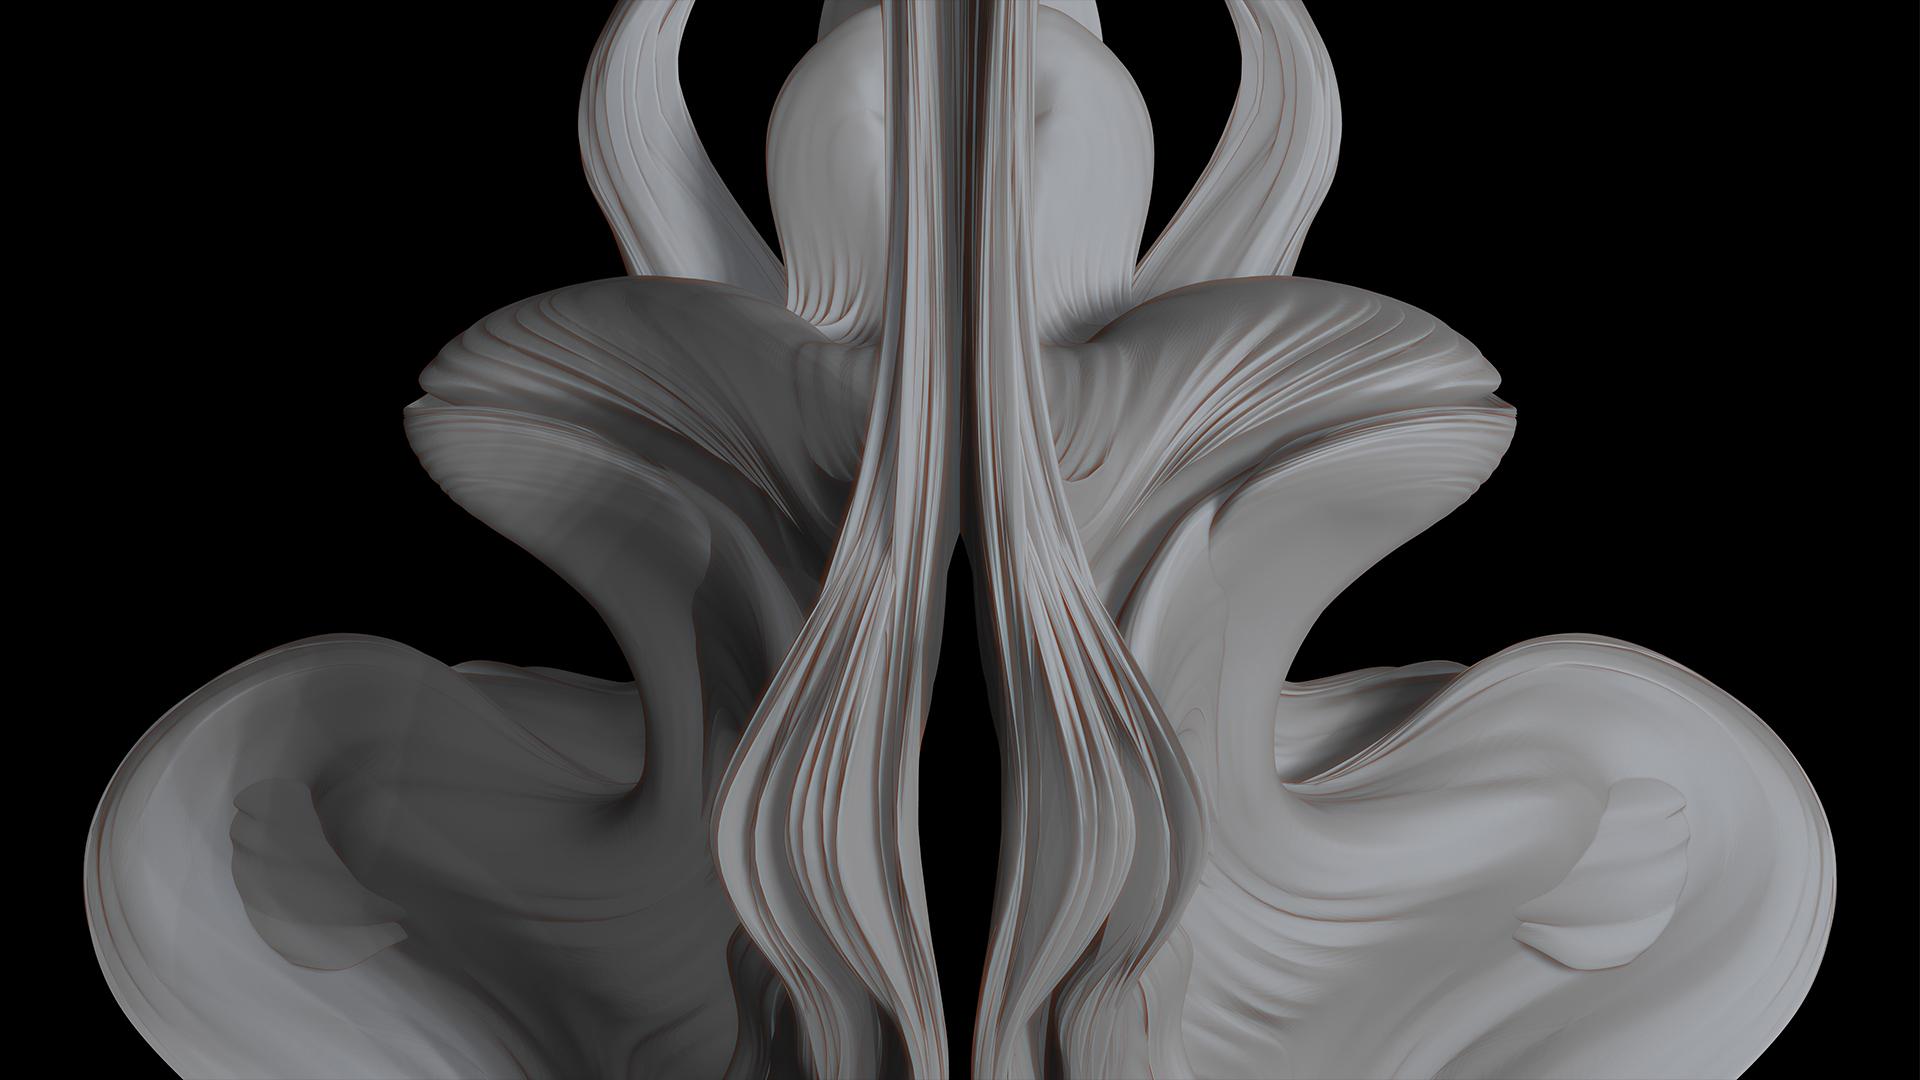 FLORA | Chaerim Kim